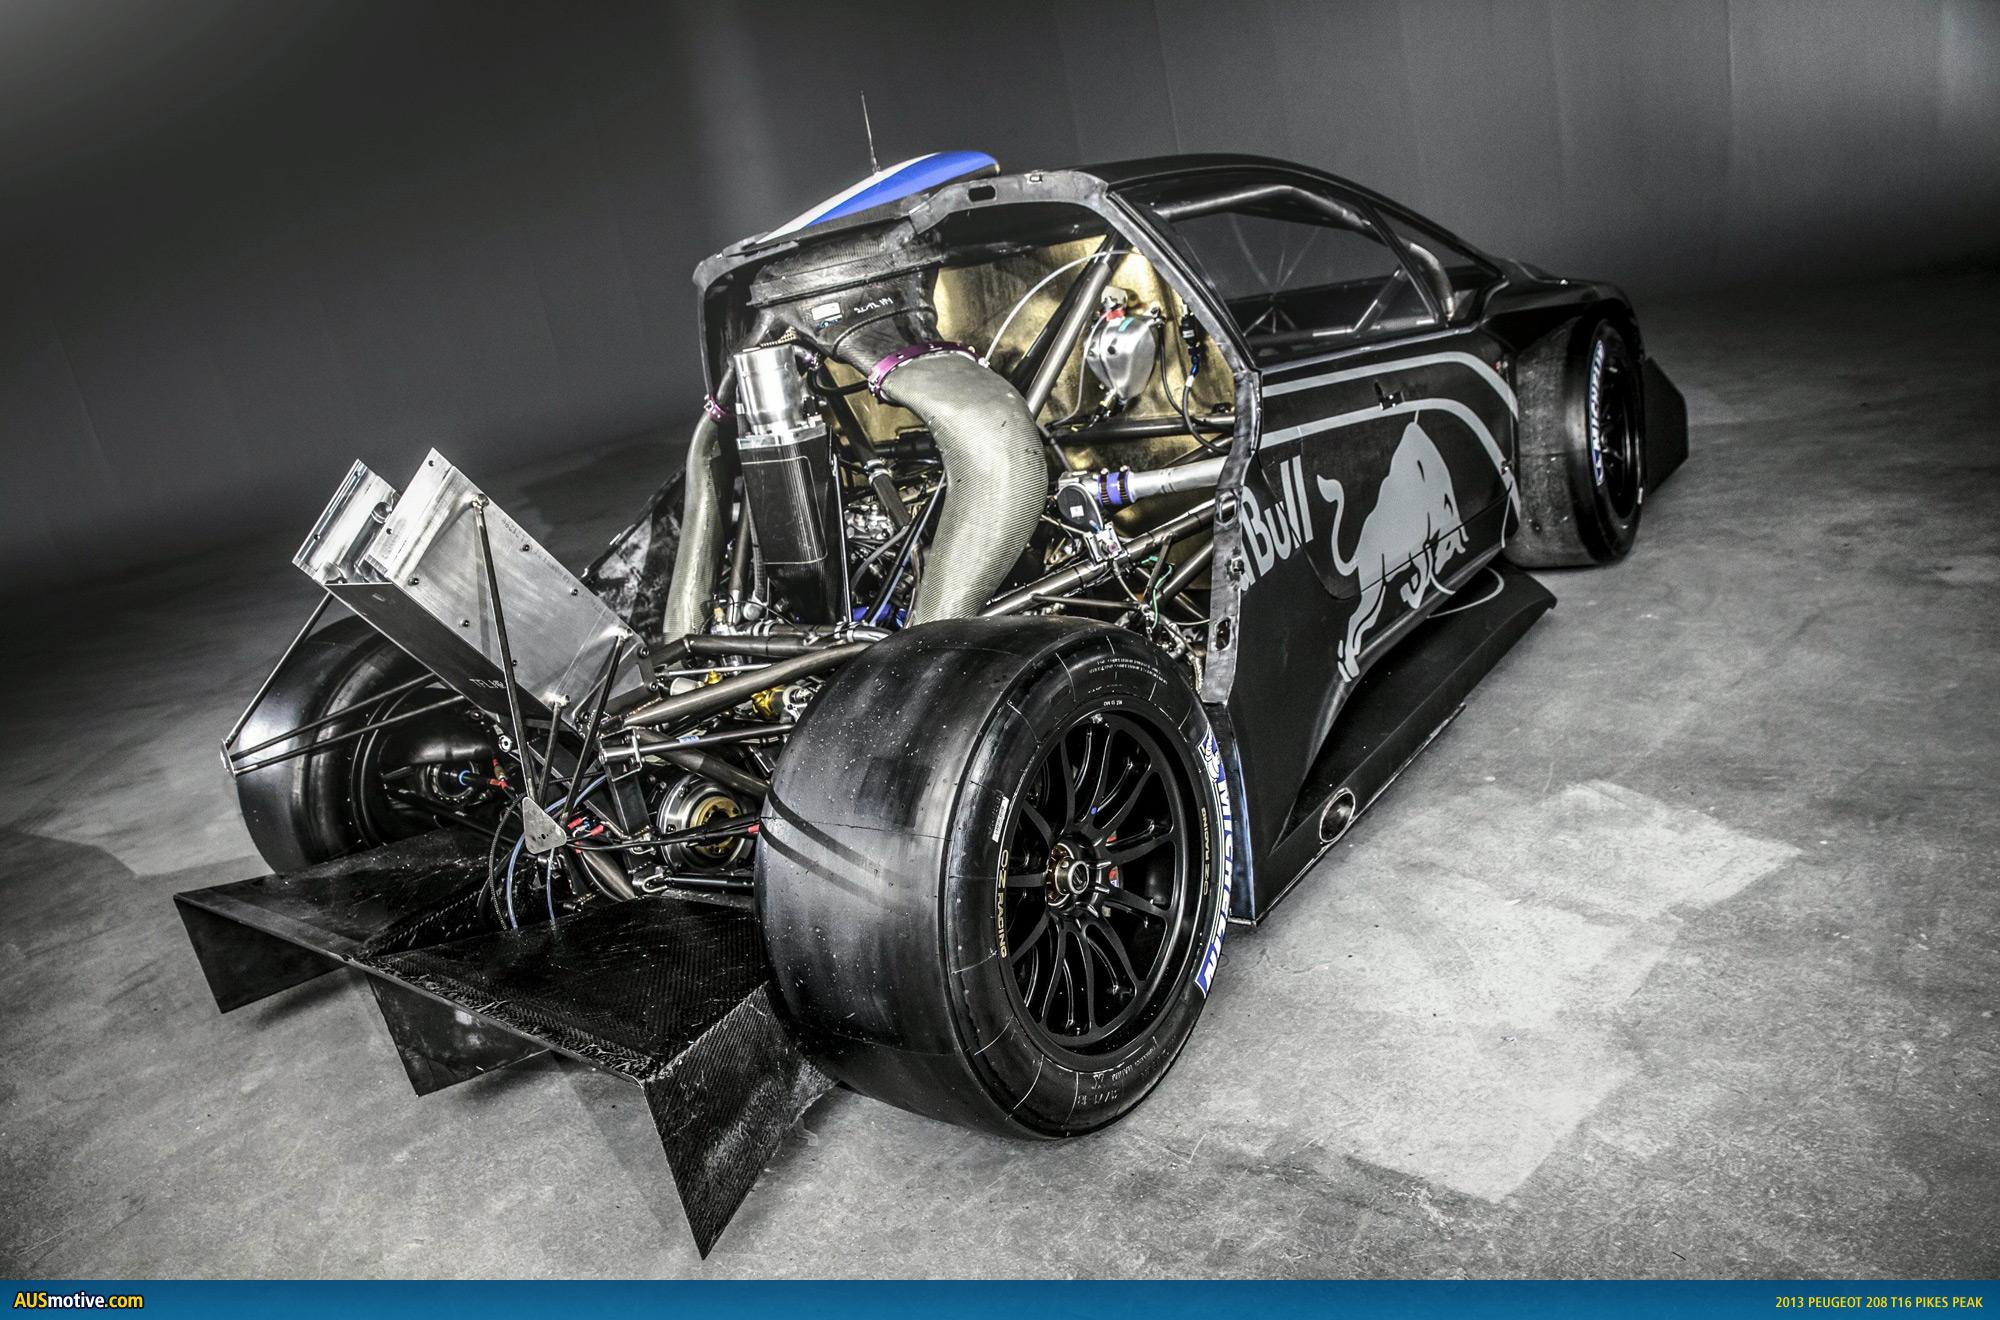 AUSmotive.com » Peugeot 208 T16 Pikes Peak Revealed